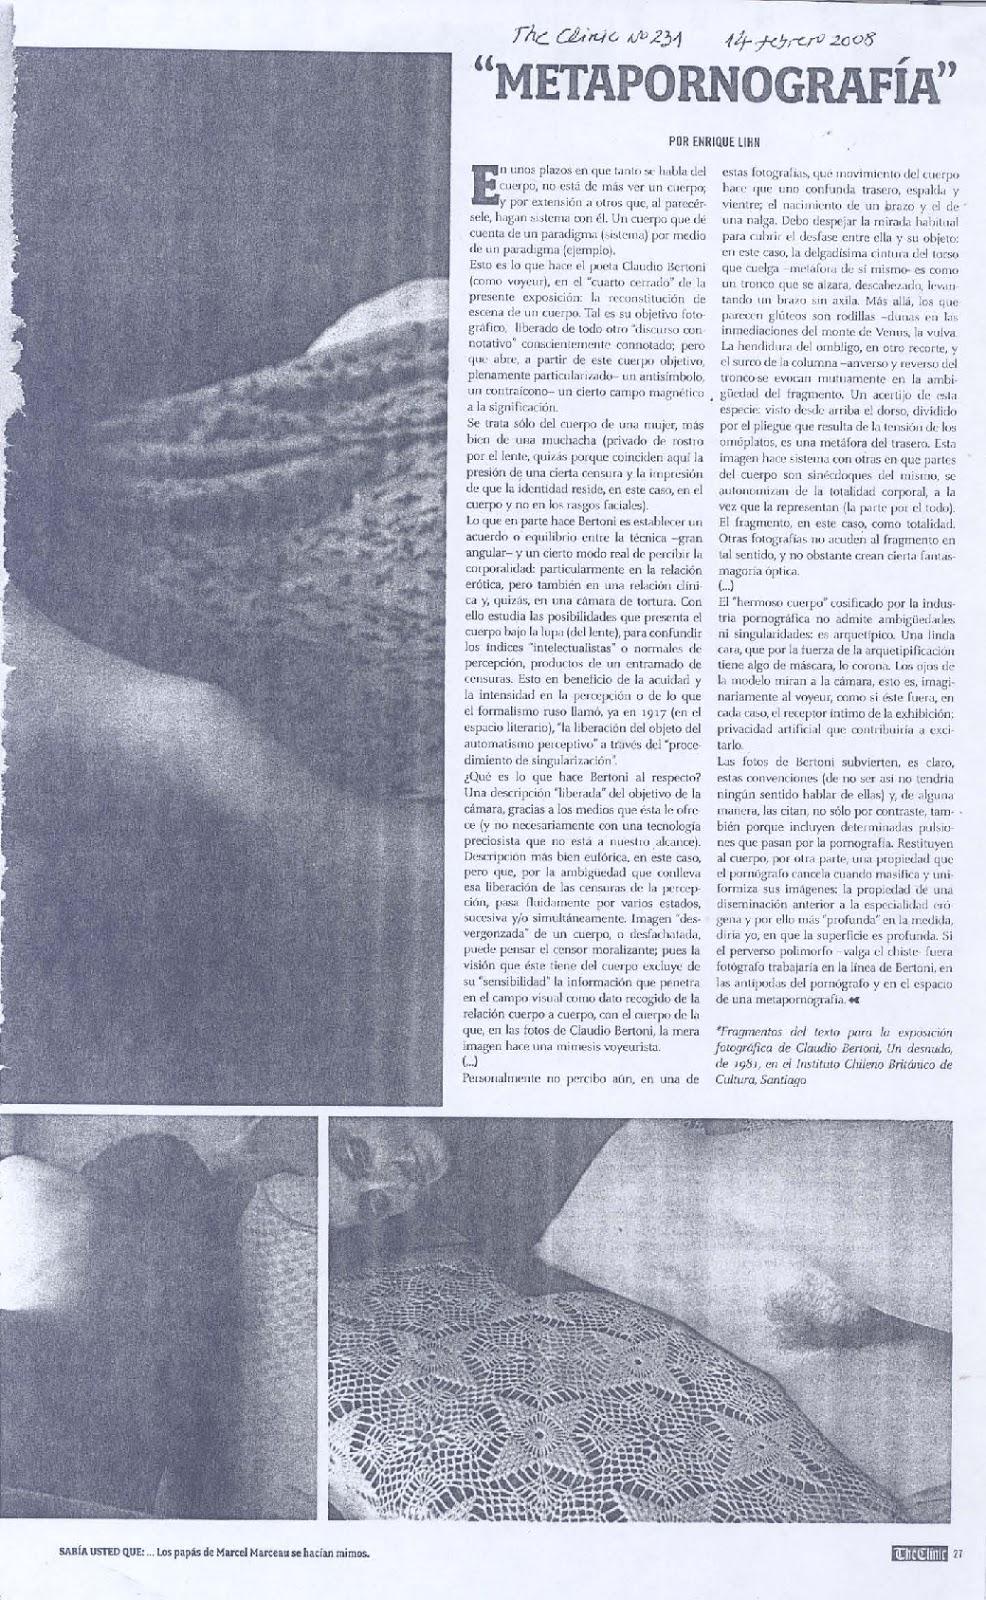 Metapornografía: Texto de Enrique Lihn en relación a la exposición fotográfica de Claudio Bertoni